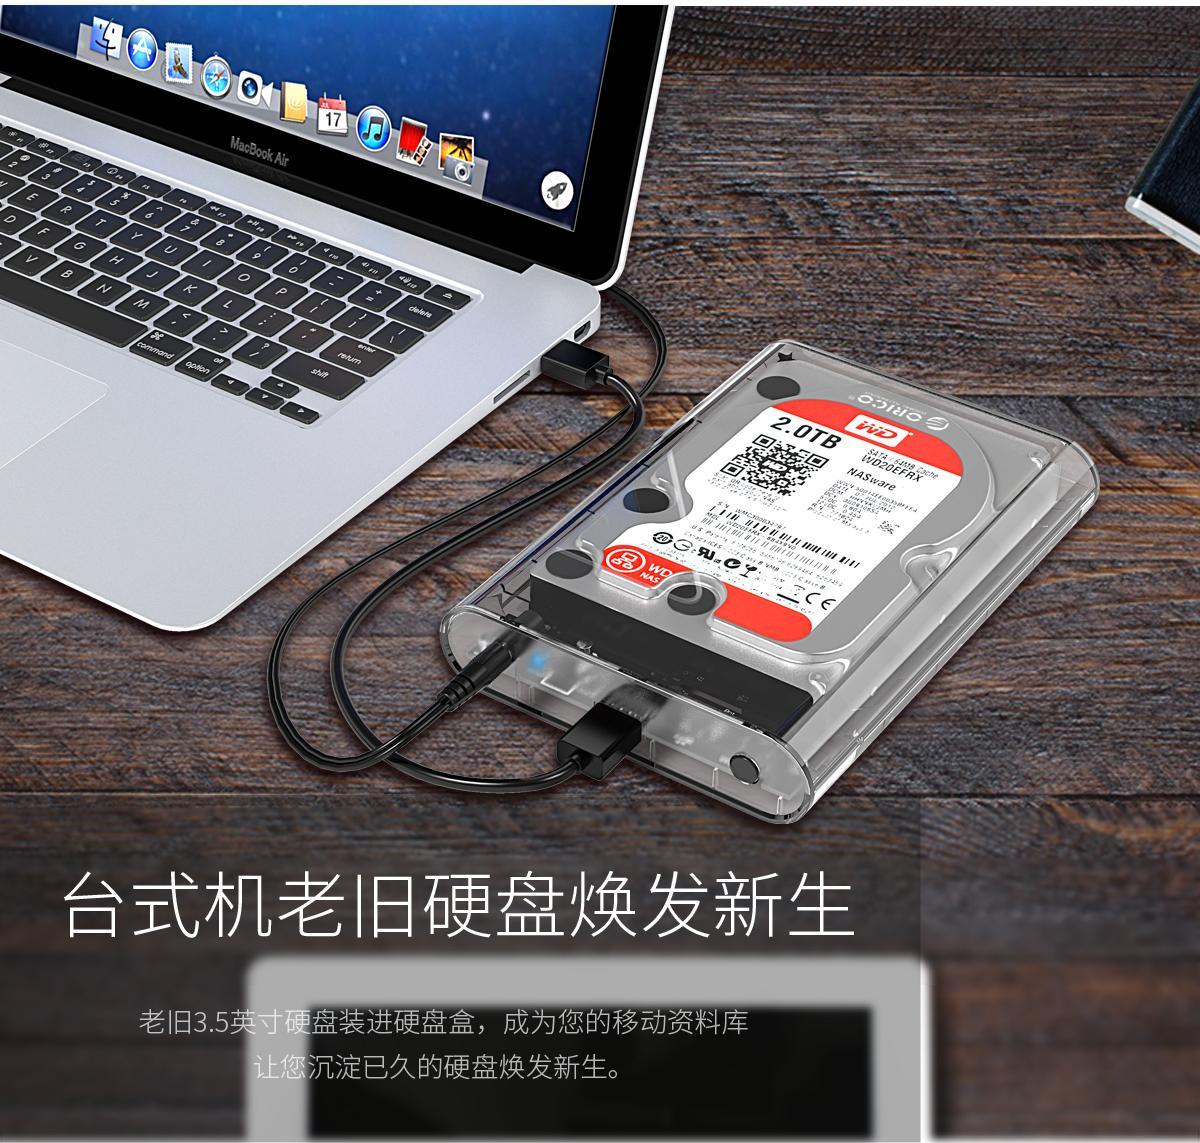 视频驱动器下载安装_3.5英寸透明移动硬盘盒——ORICO USB3.0硬盘盒